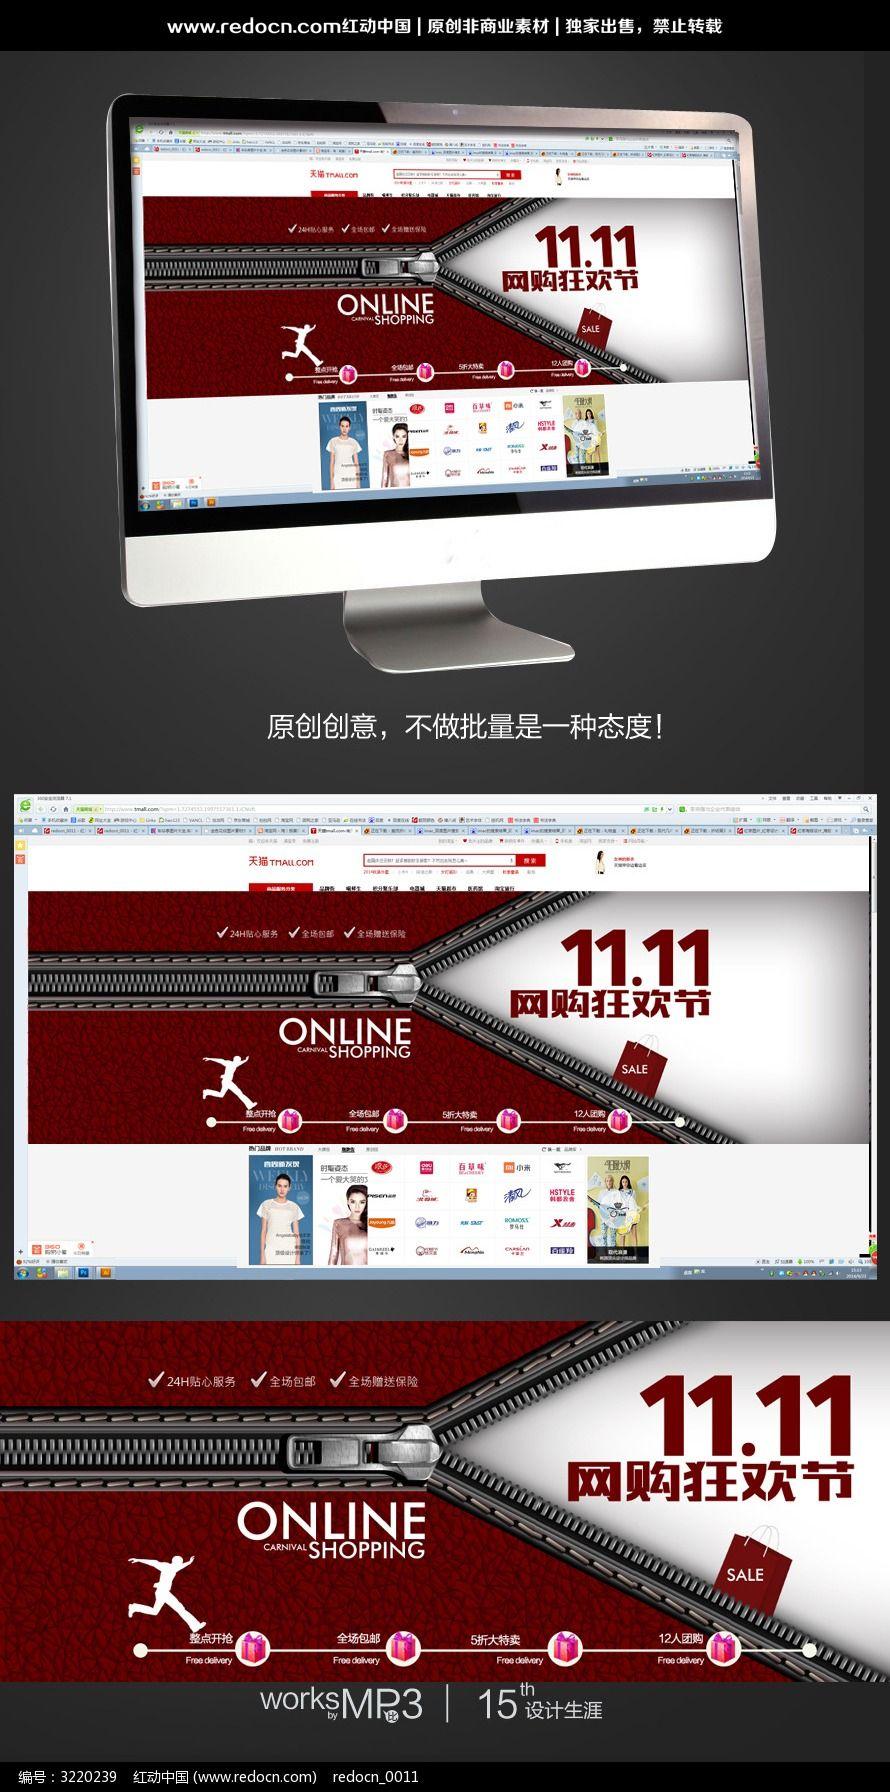 双11网购狂欢节淘宝海报图片